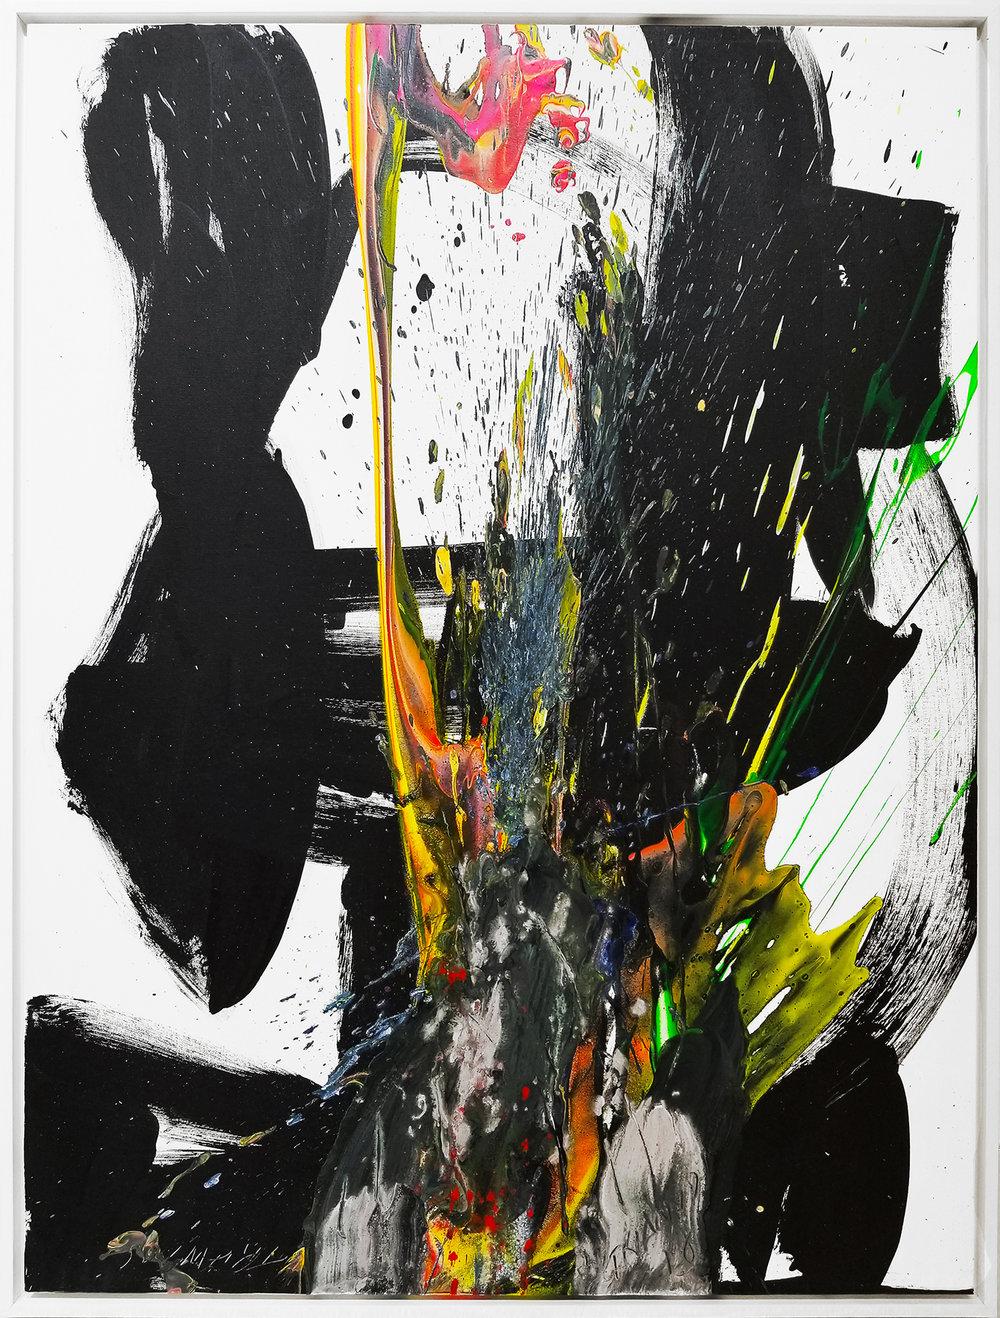 """SP2 #111, 2018, acrylic on canvas, 48""""x36"""" (121 x 91.4 cm)"""